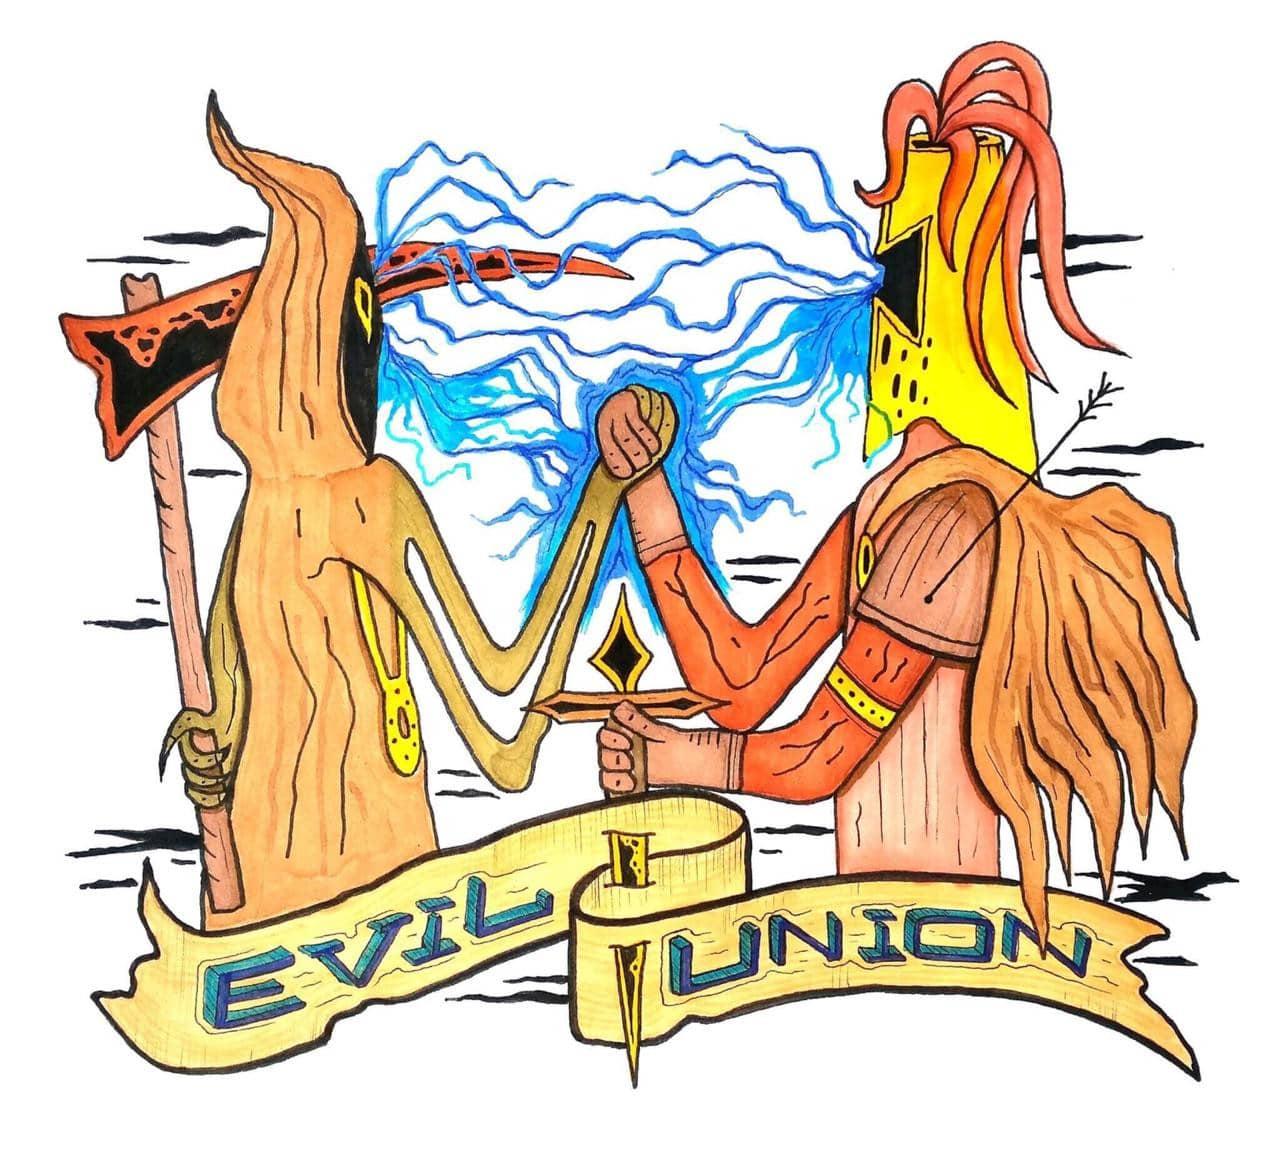 СОЮЗ | UNION